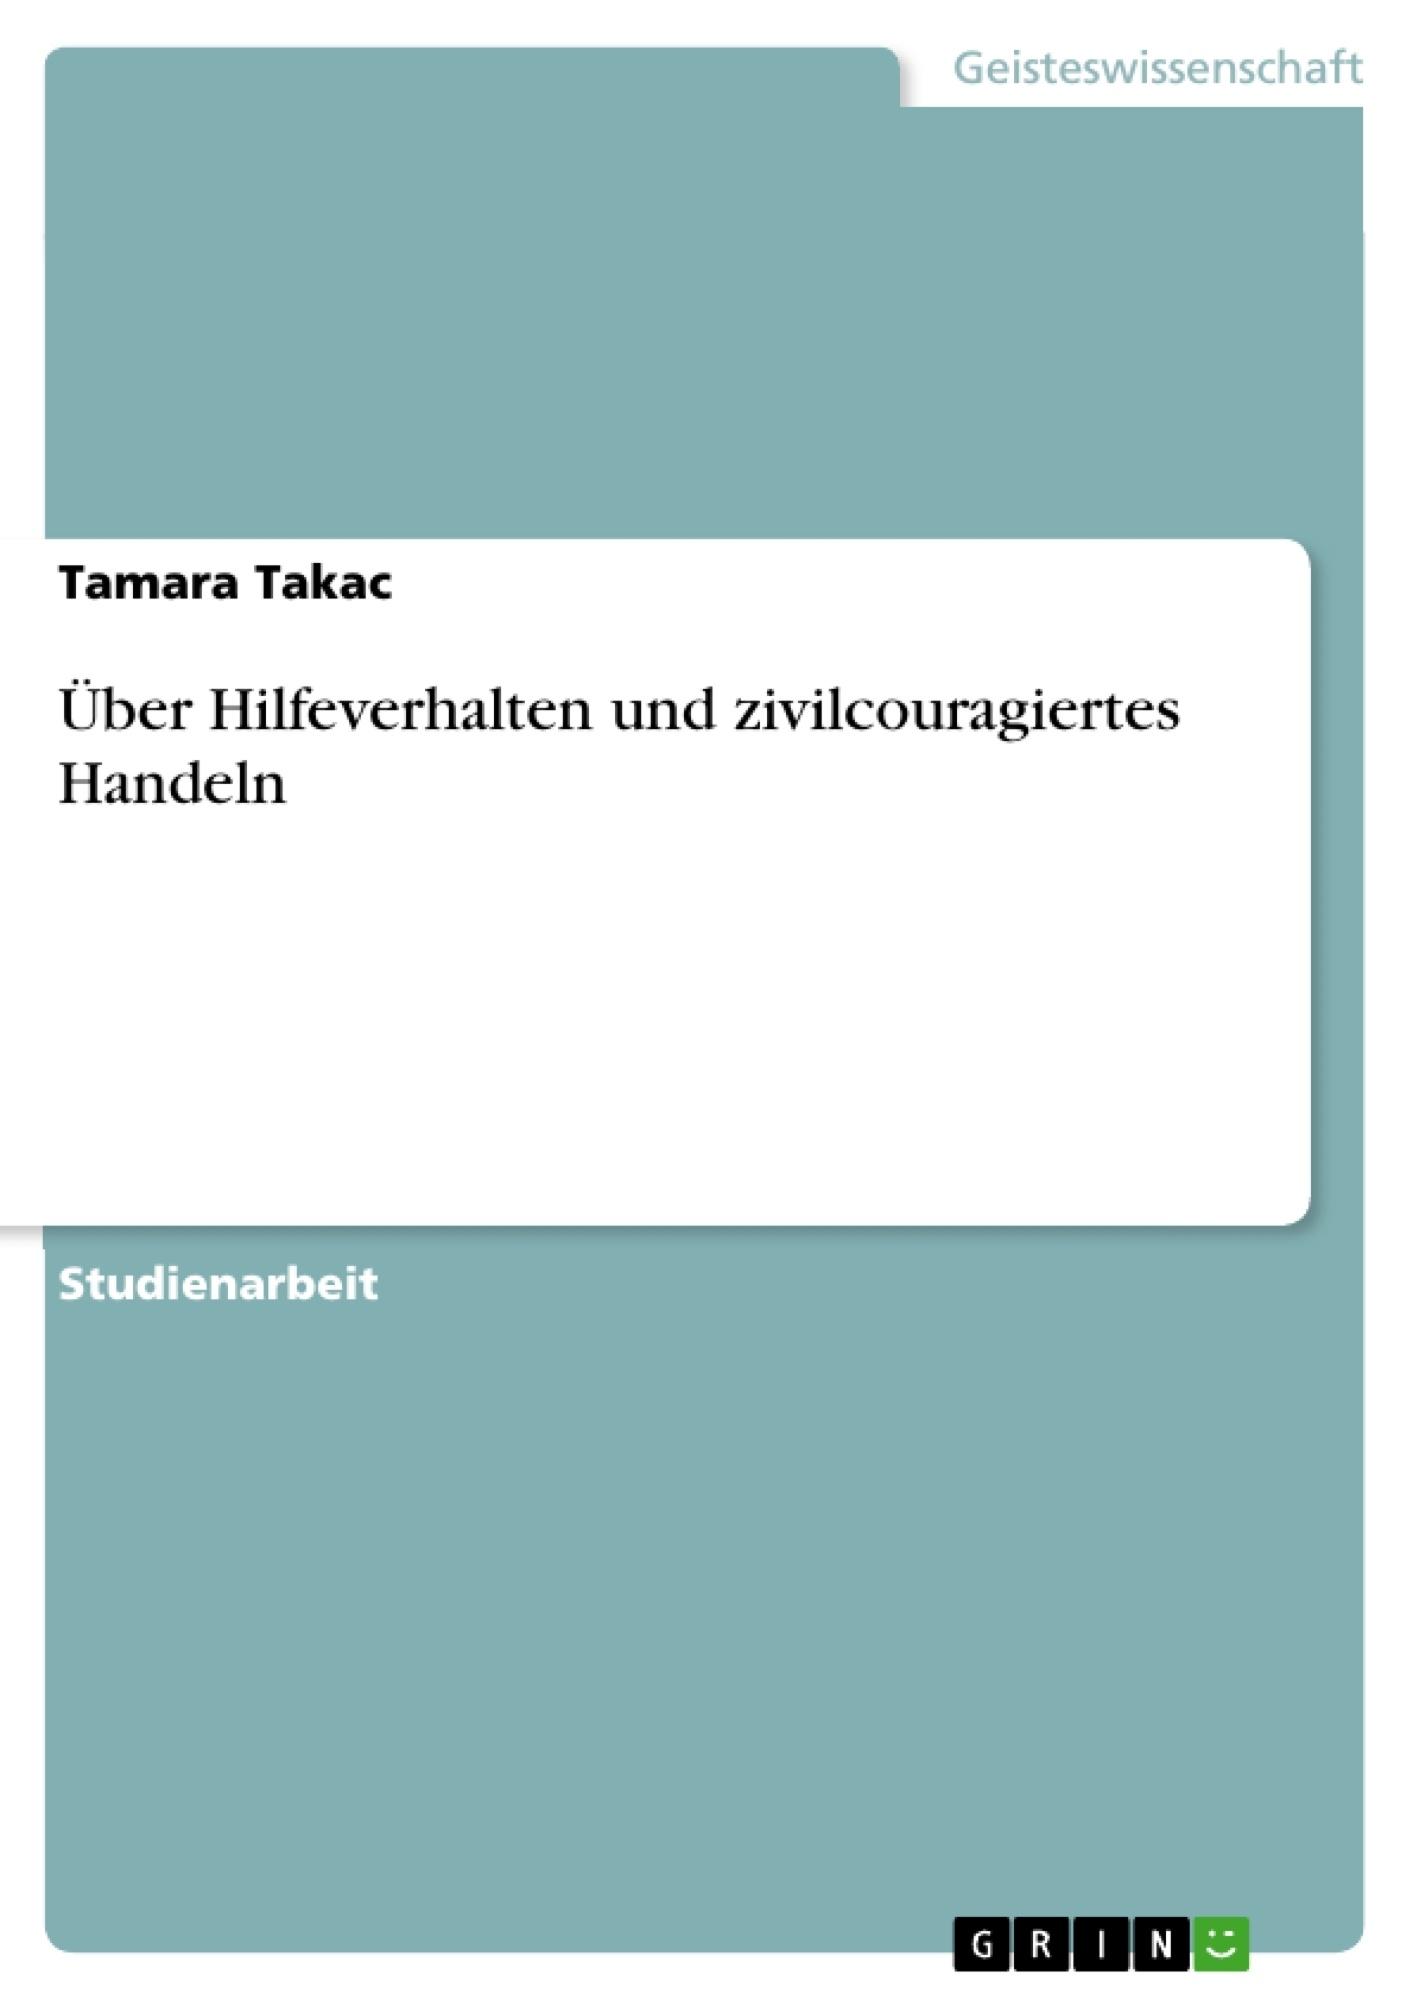 Titel: Über Hilfeverhalten und zivilcouragiertes Handeln